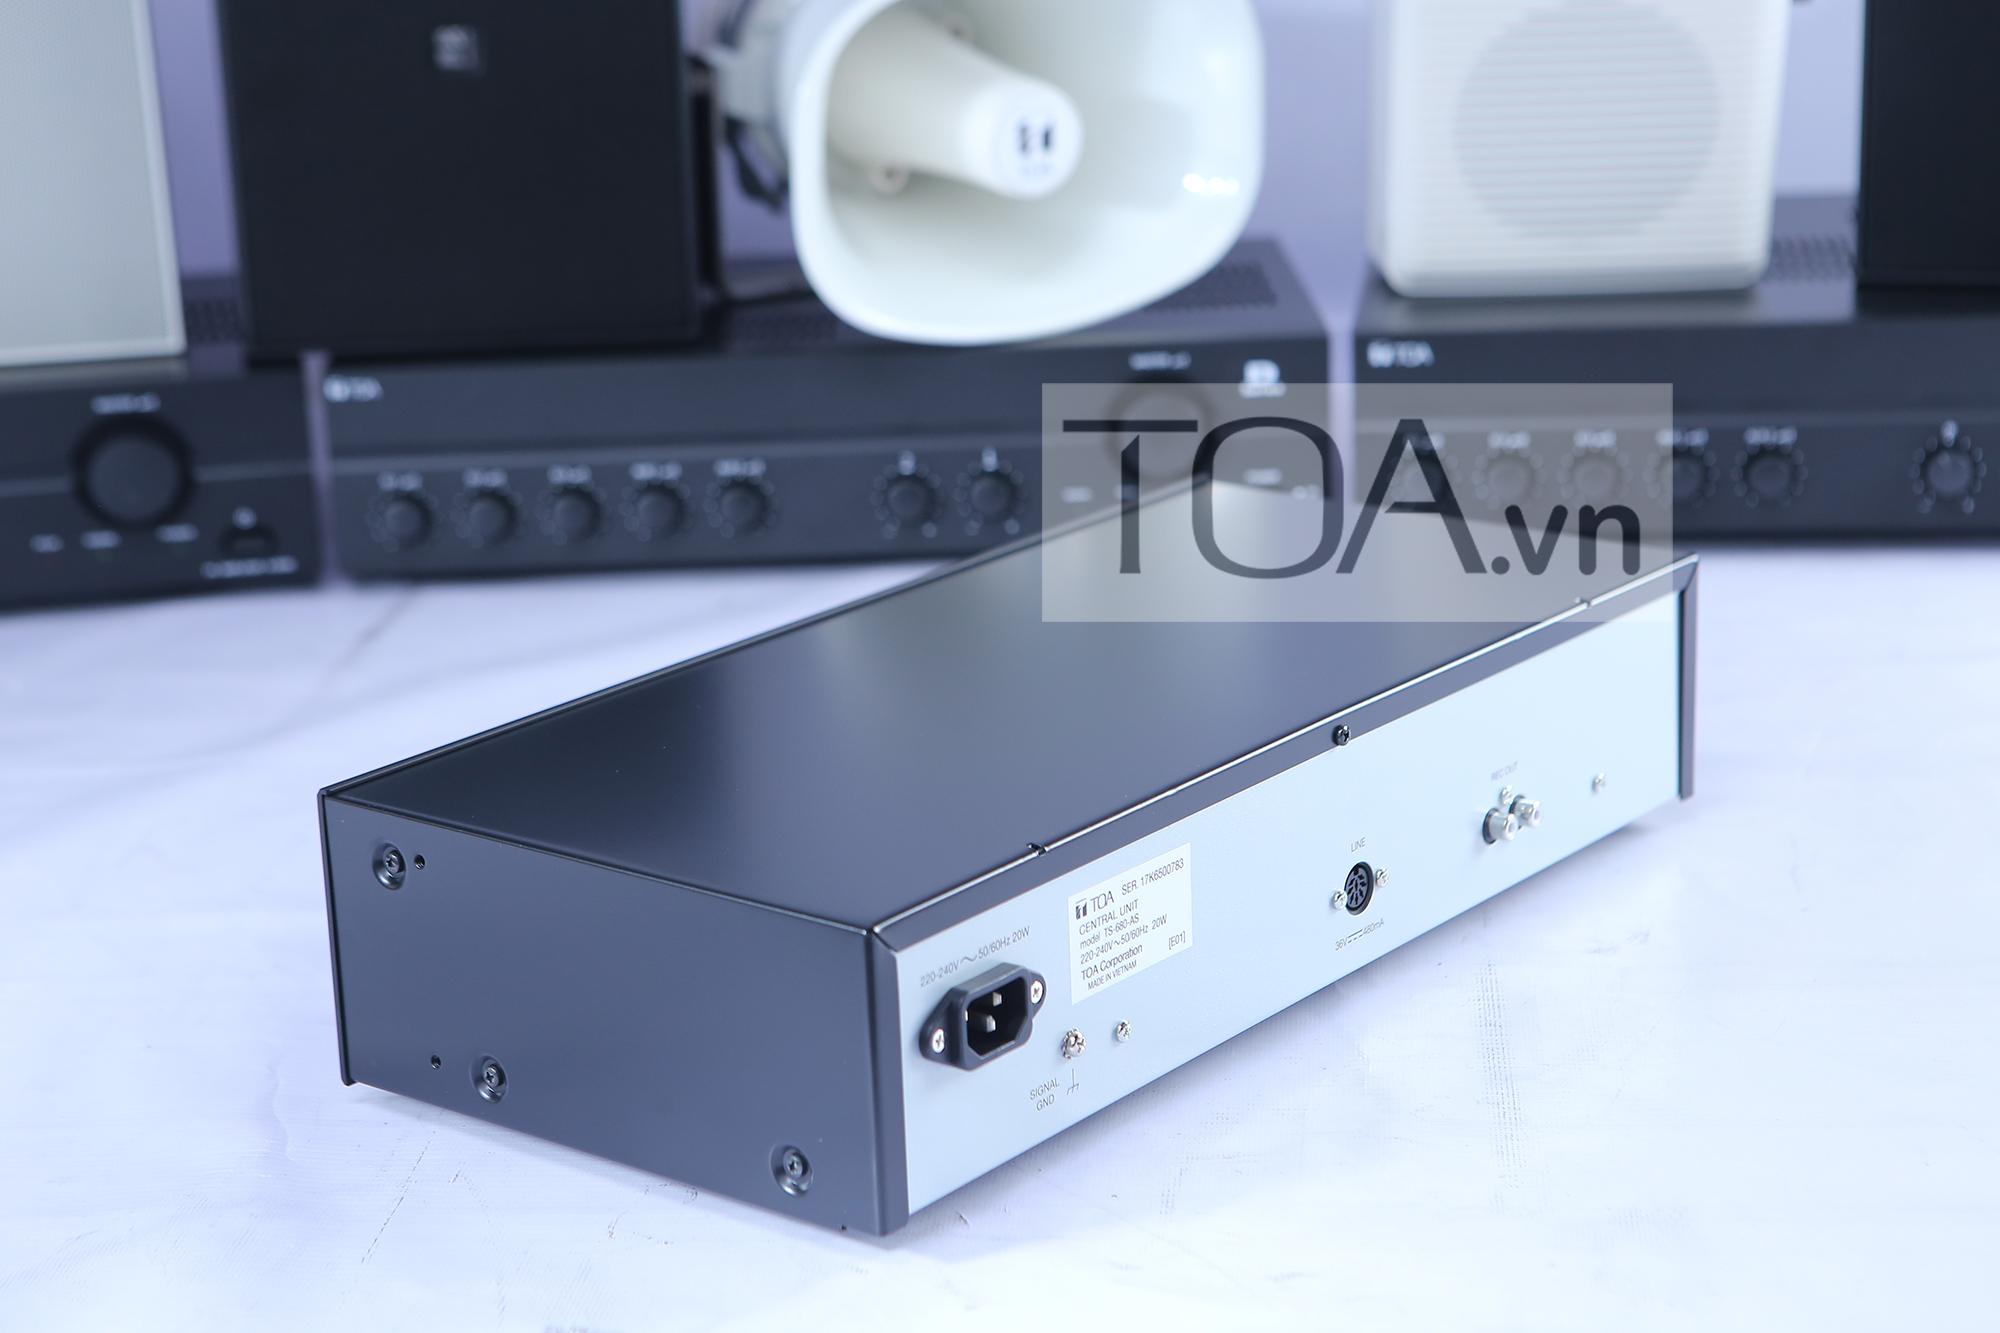 TOA TS-680AS, thiết bị hội thảoTOA TS-680AS,thiết bị hội thảo TOA TS-680AS, thiết bị hội thảo âm thanh TOA